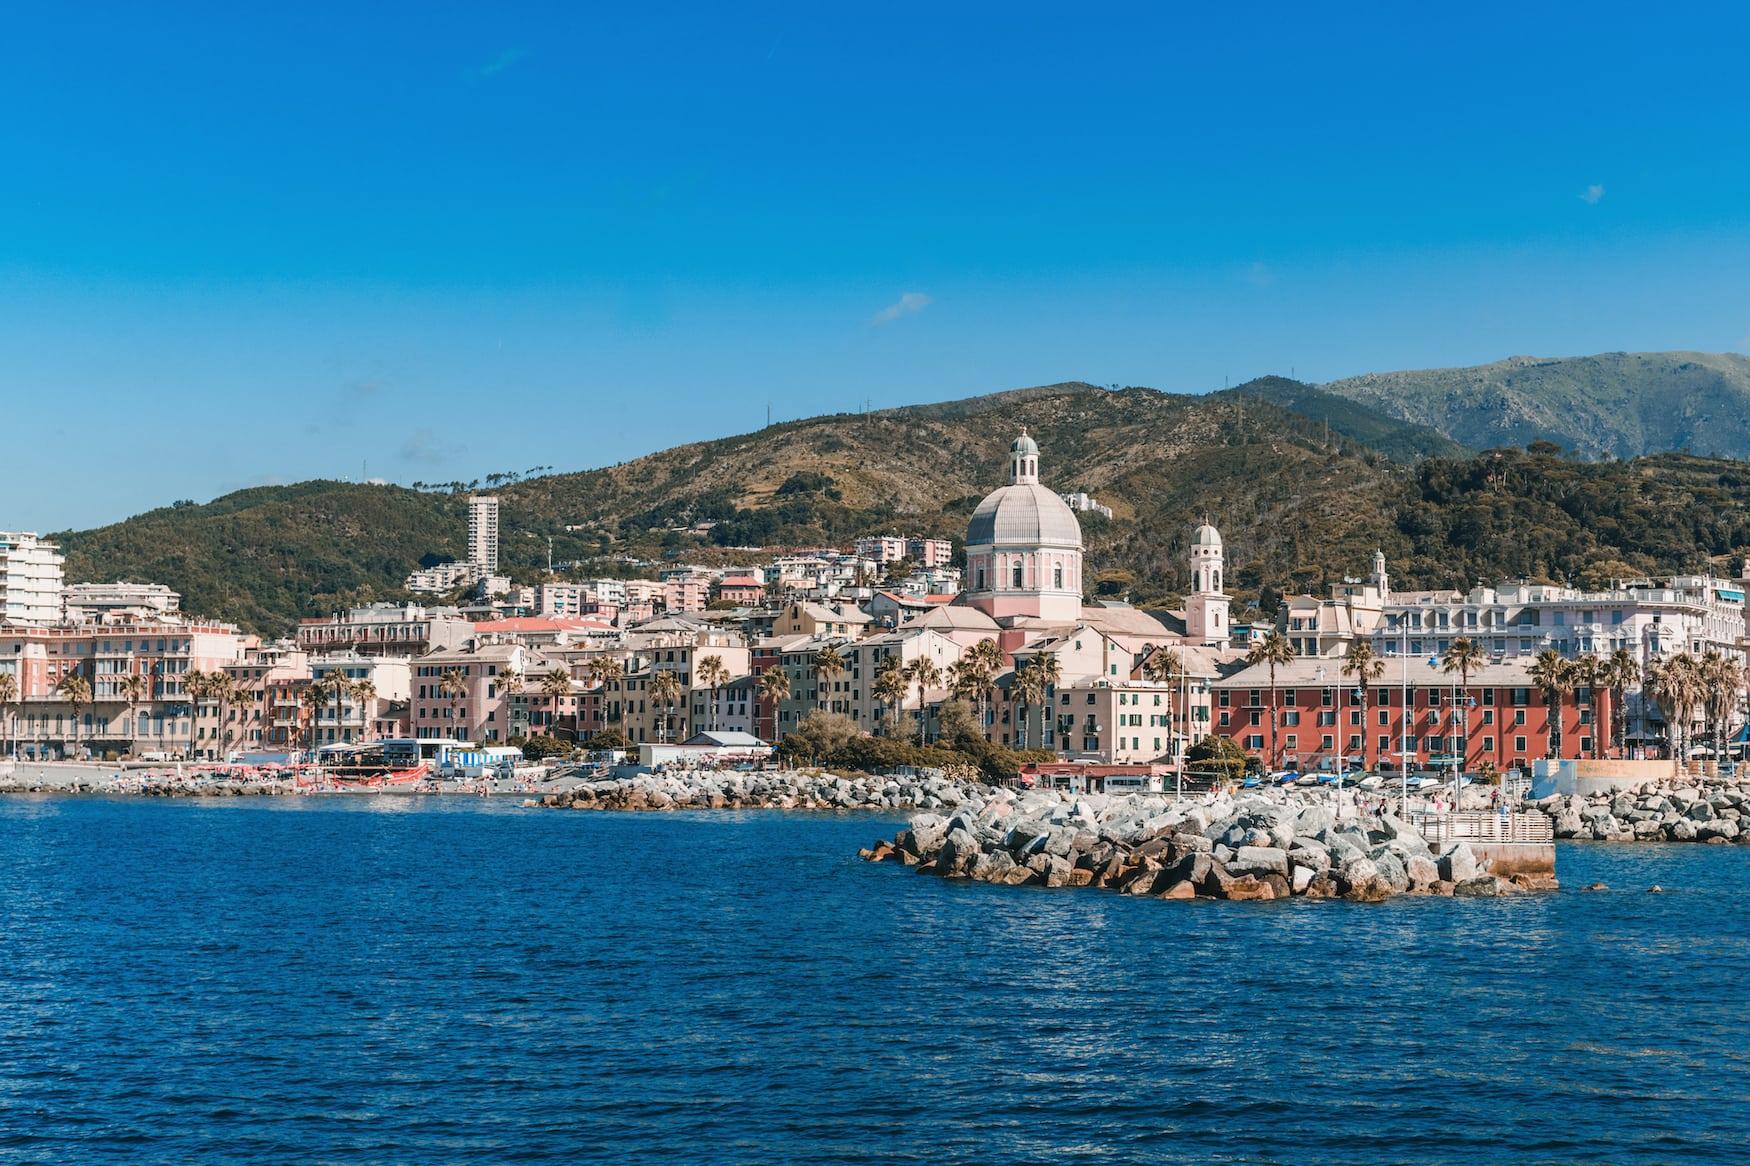 Aussicht auf den Fischerorte Peil bei Genua, Italien